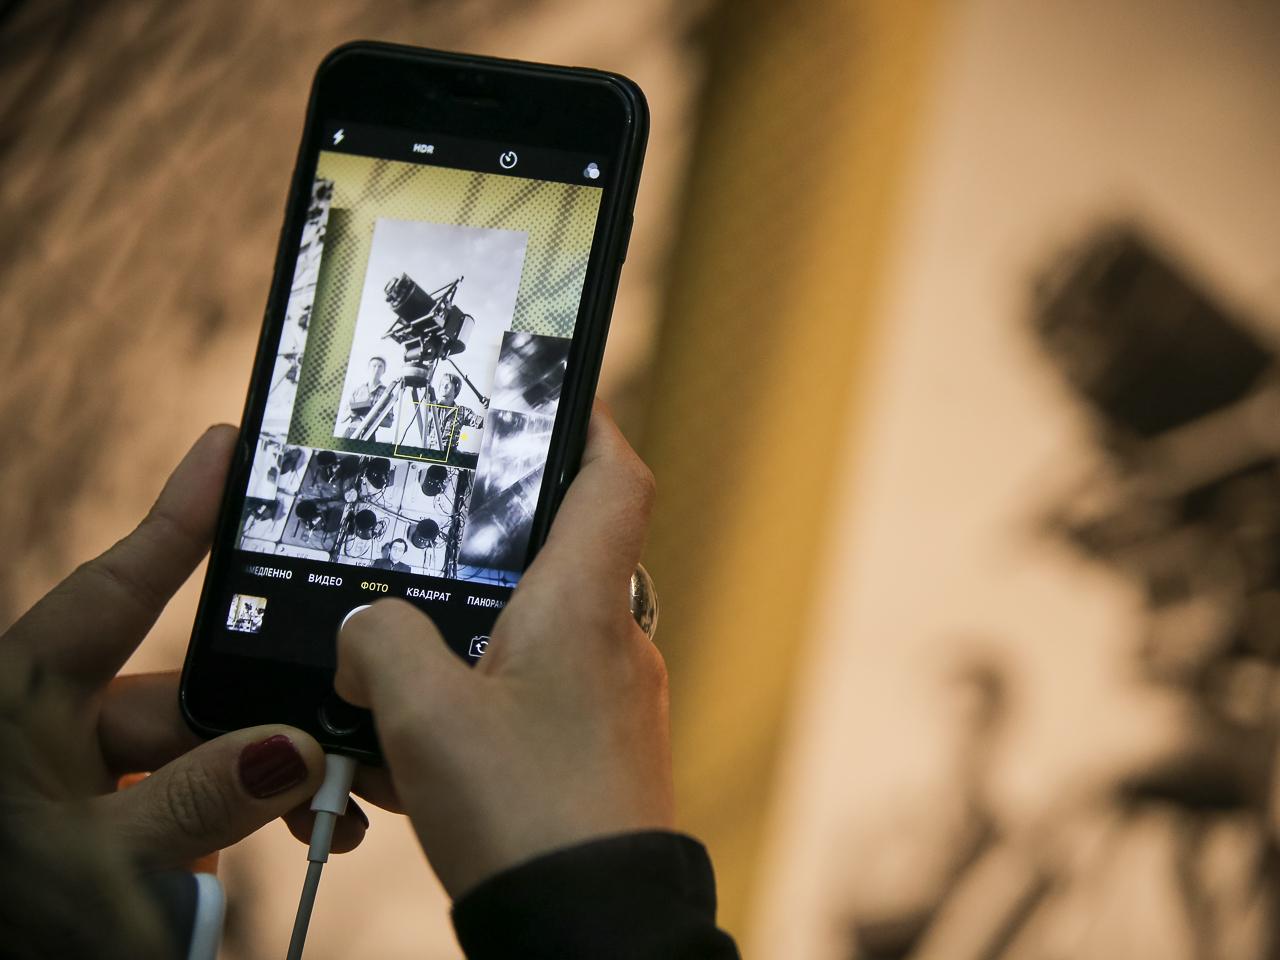 картинки в галерее телефона стали неразборчивы